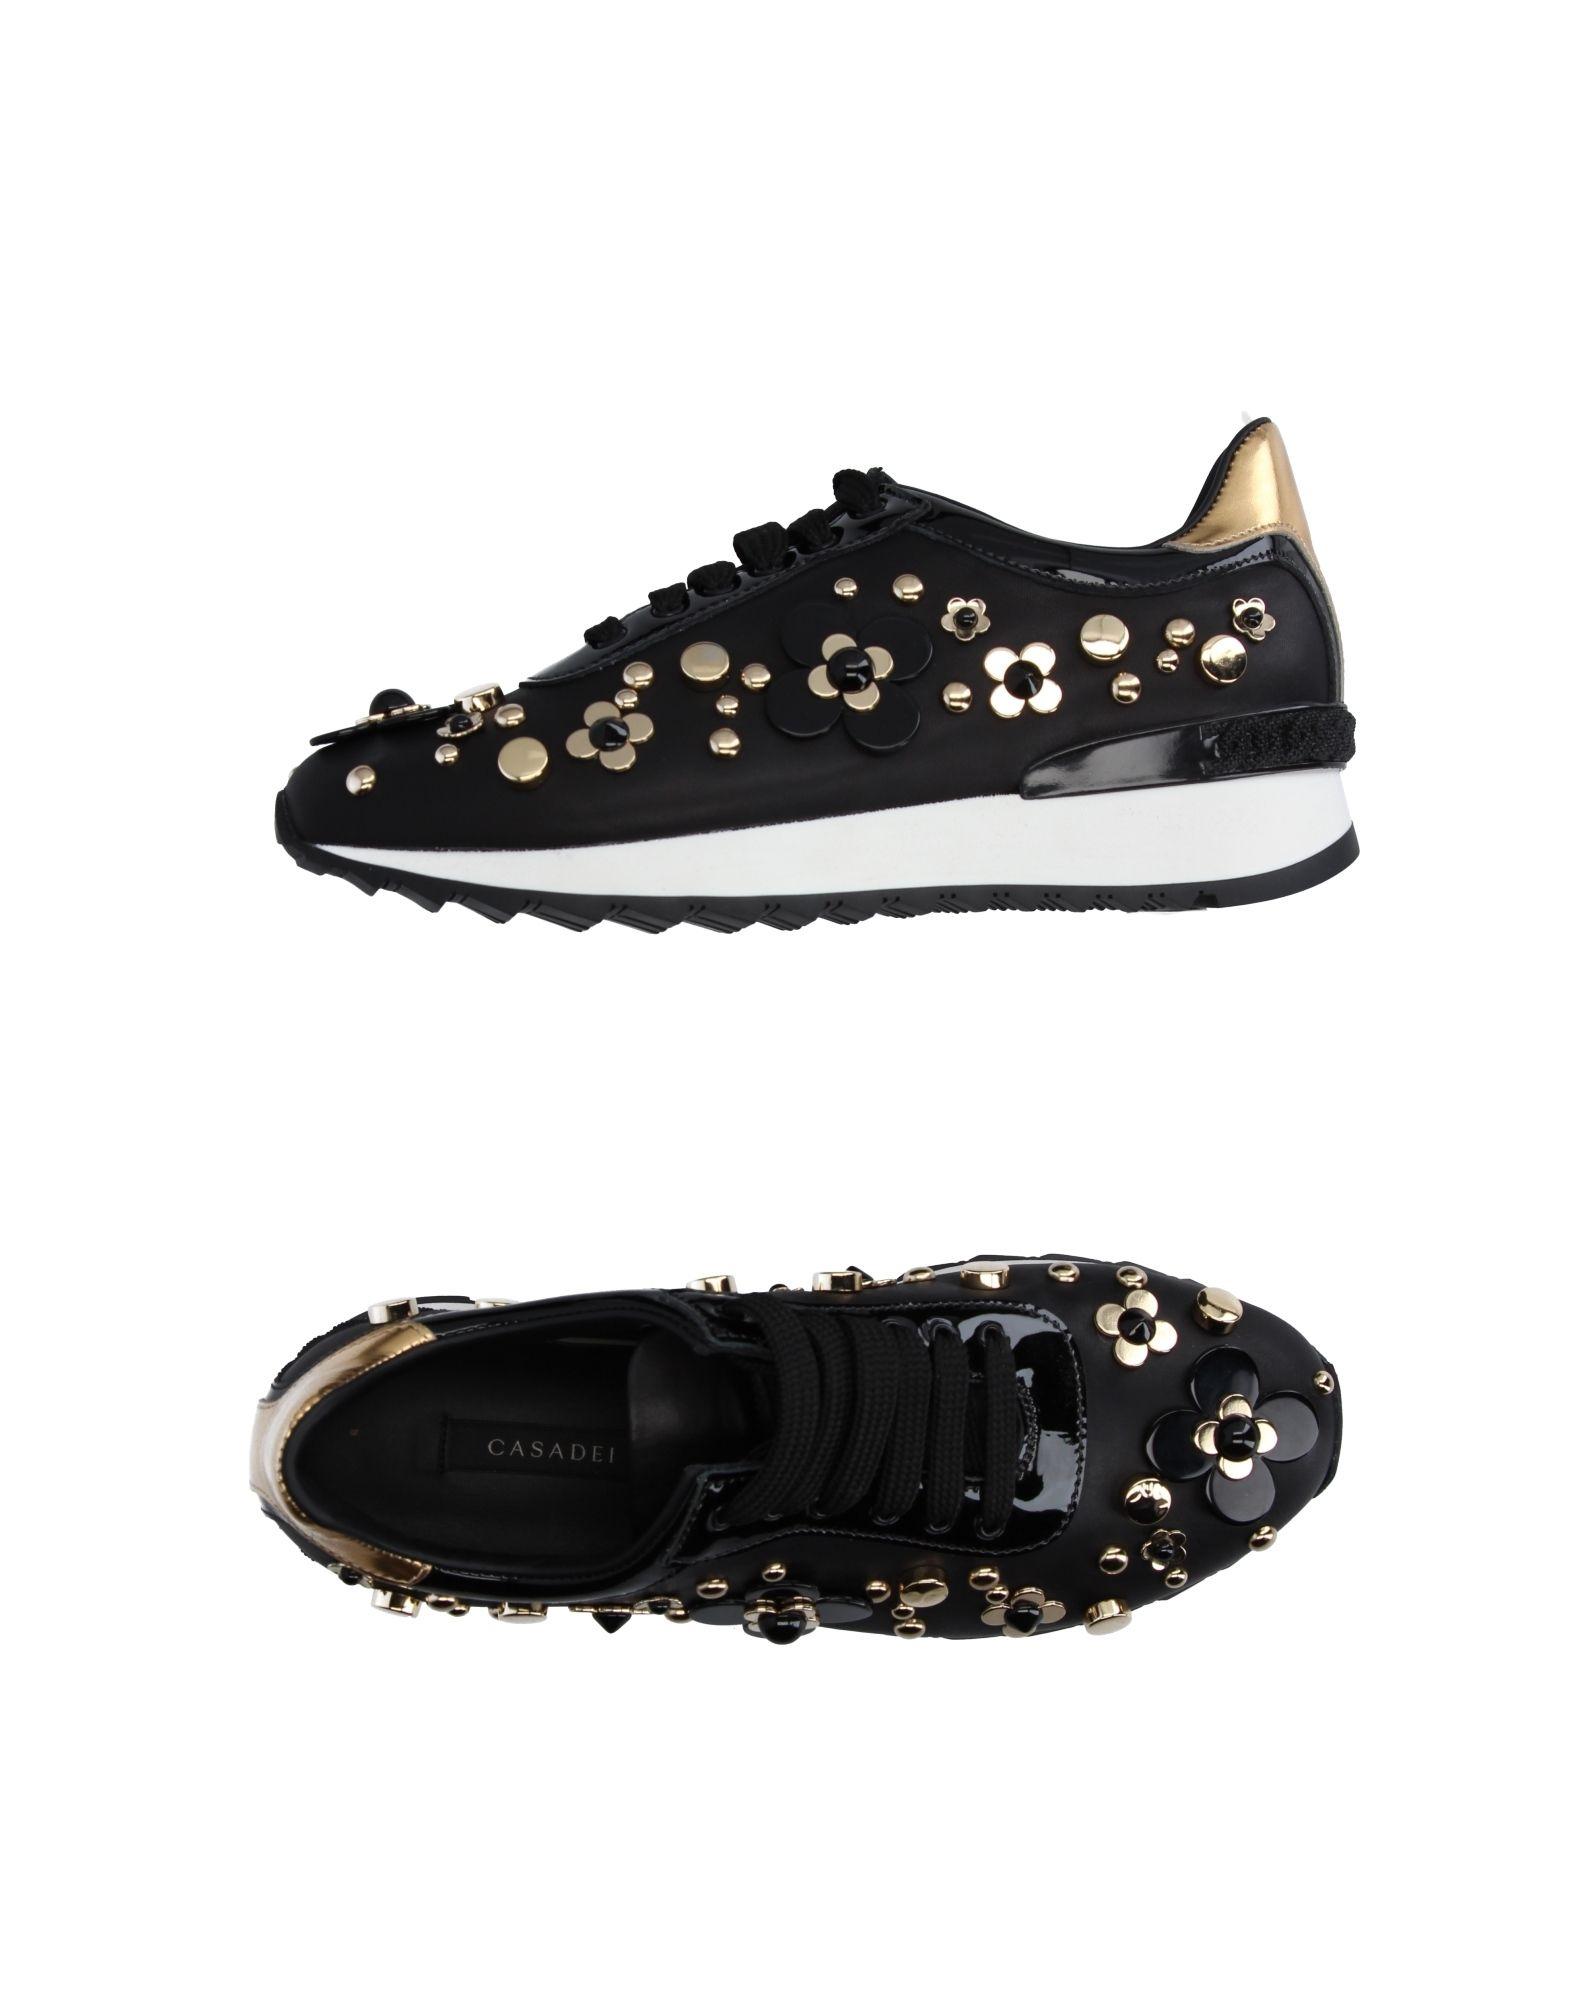 Rabatt Casadei Schuhe Casadei Rabatt Sneakers Damen  11204834OL b9ca00